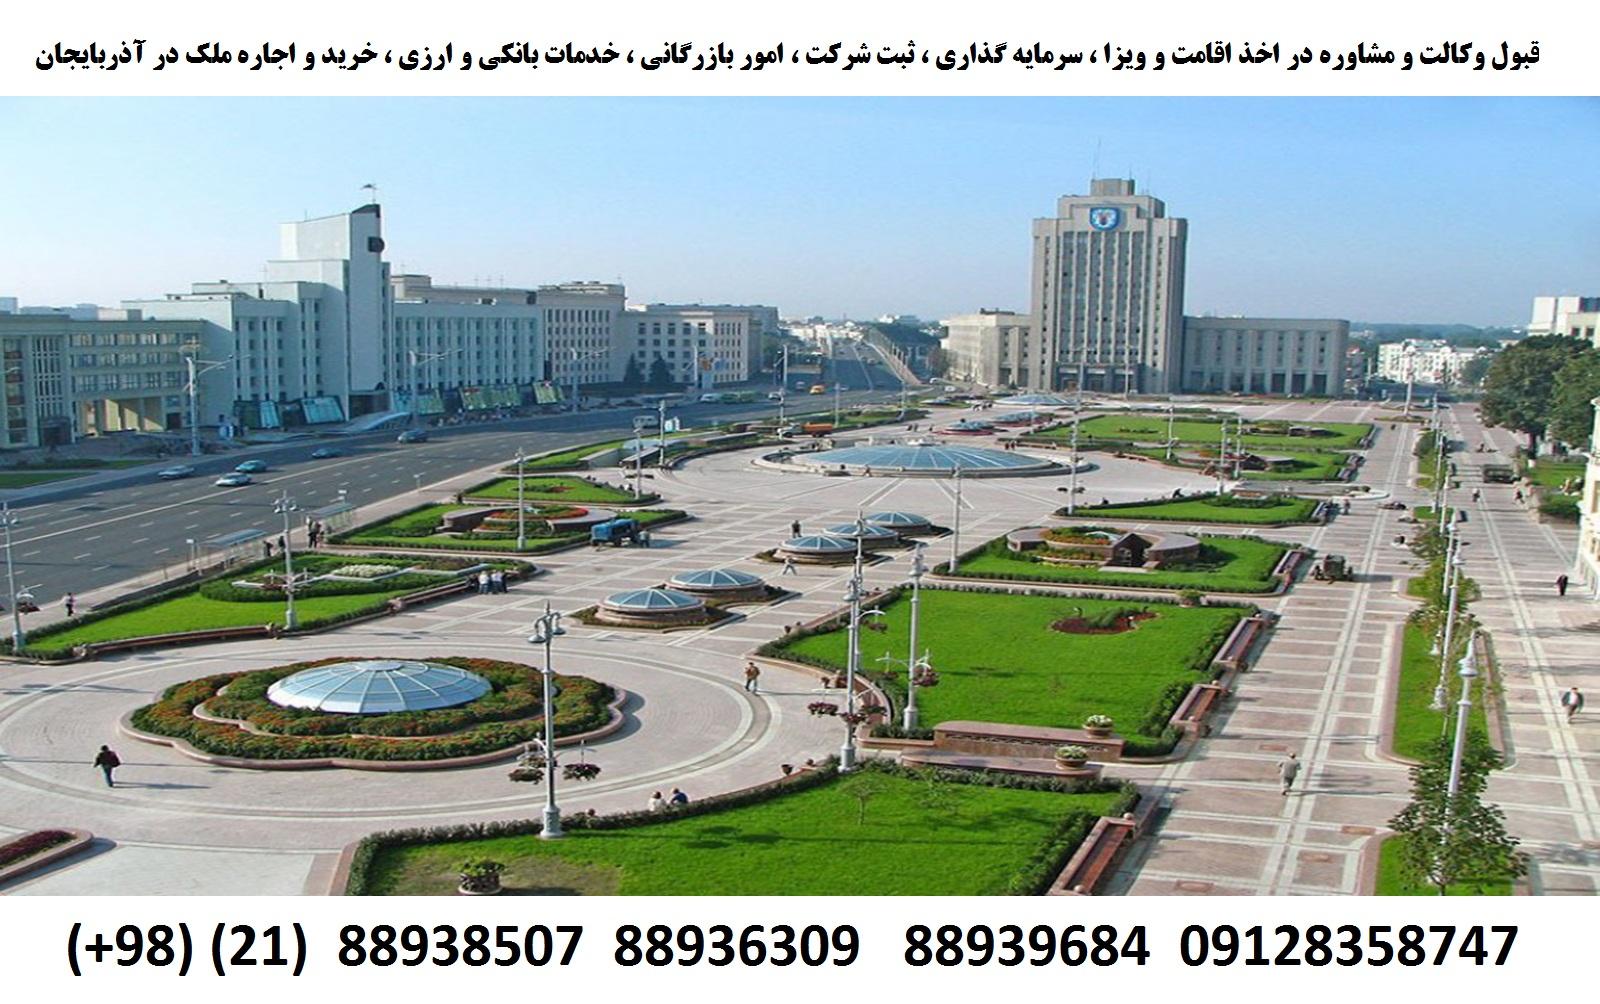 اقامت ، ویزا ، ثبت شرکت ، سرمایه گذاری در آذربایجان (5)